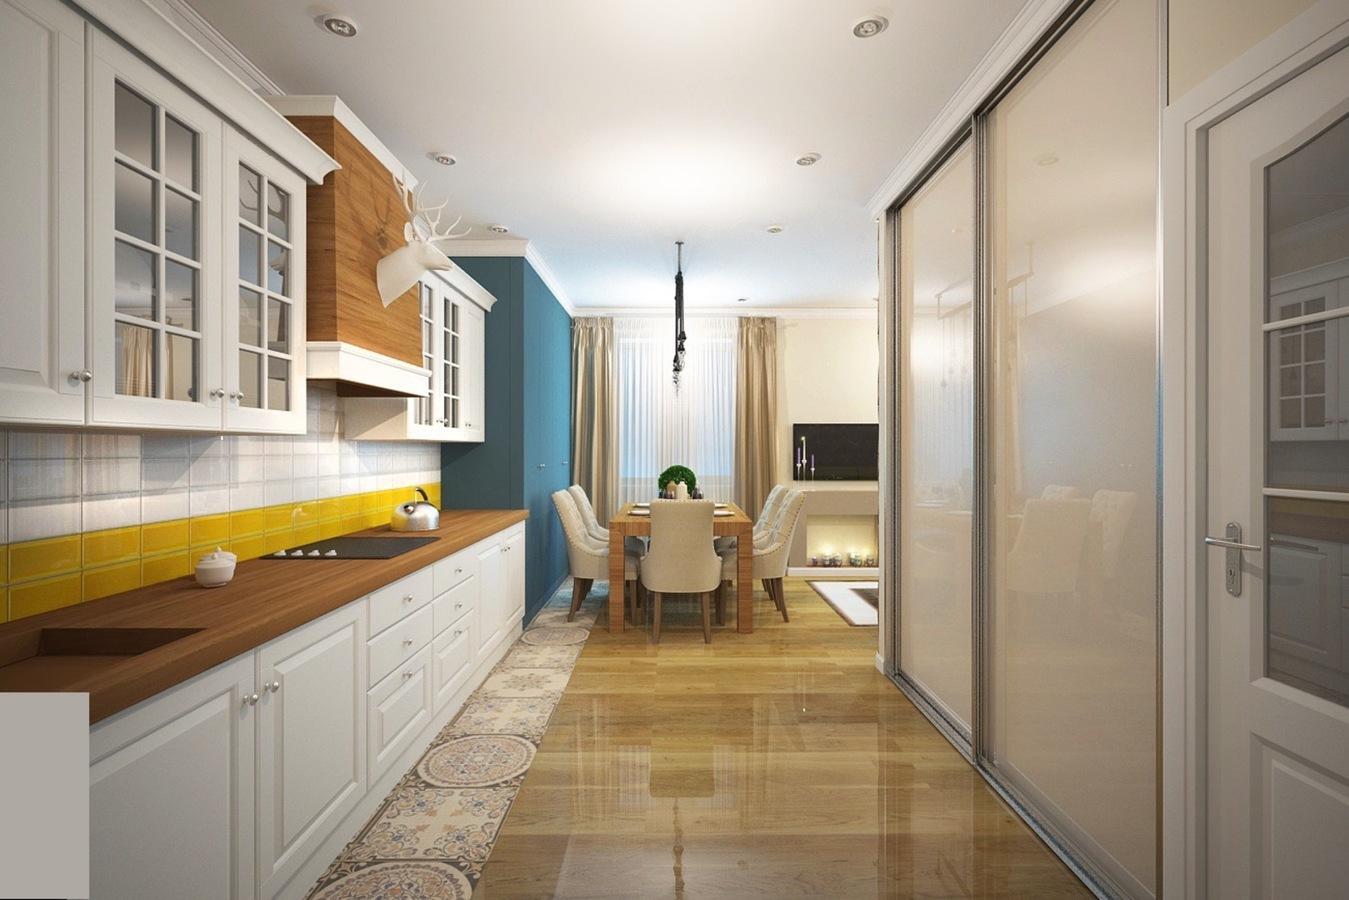 Продажа неприватизированной квартиры: есть ли шанс?